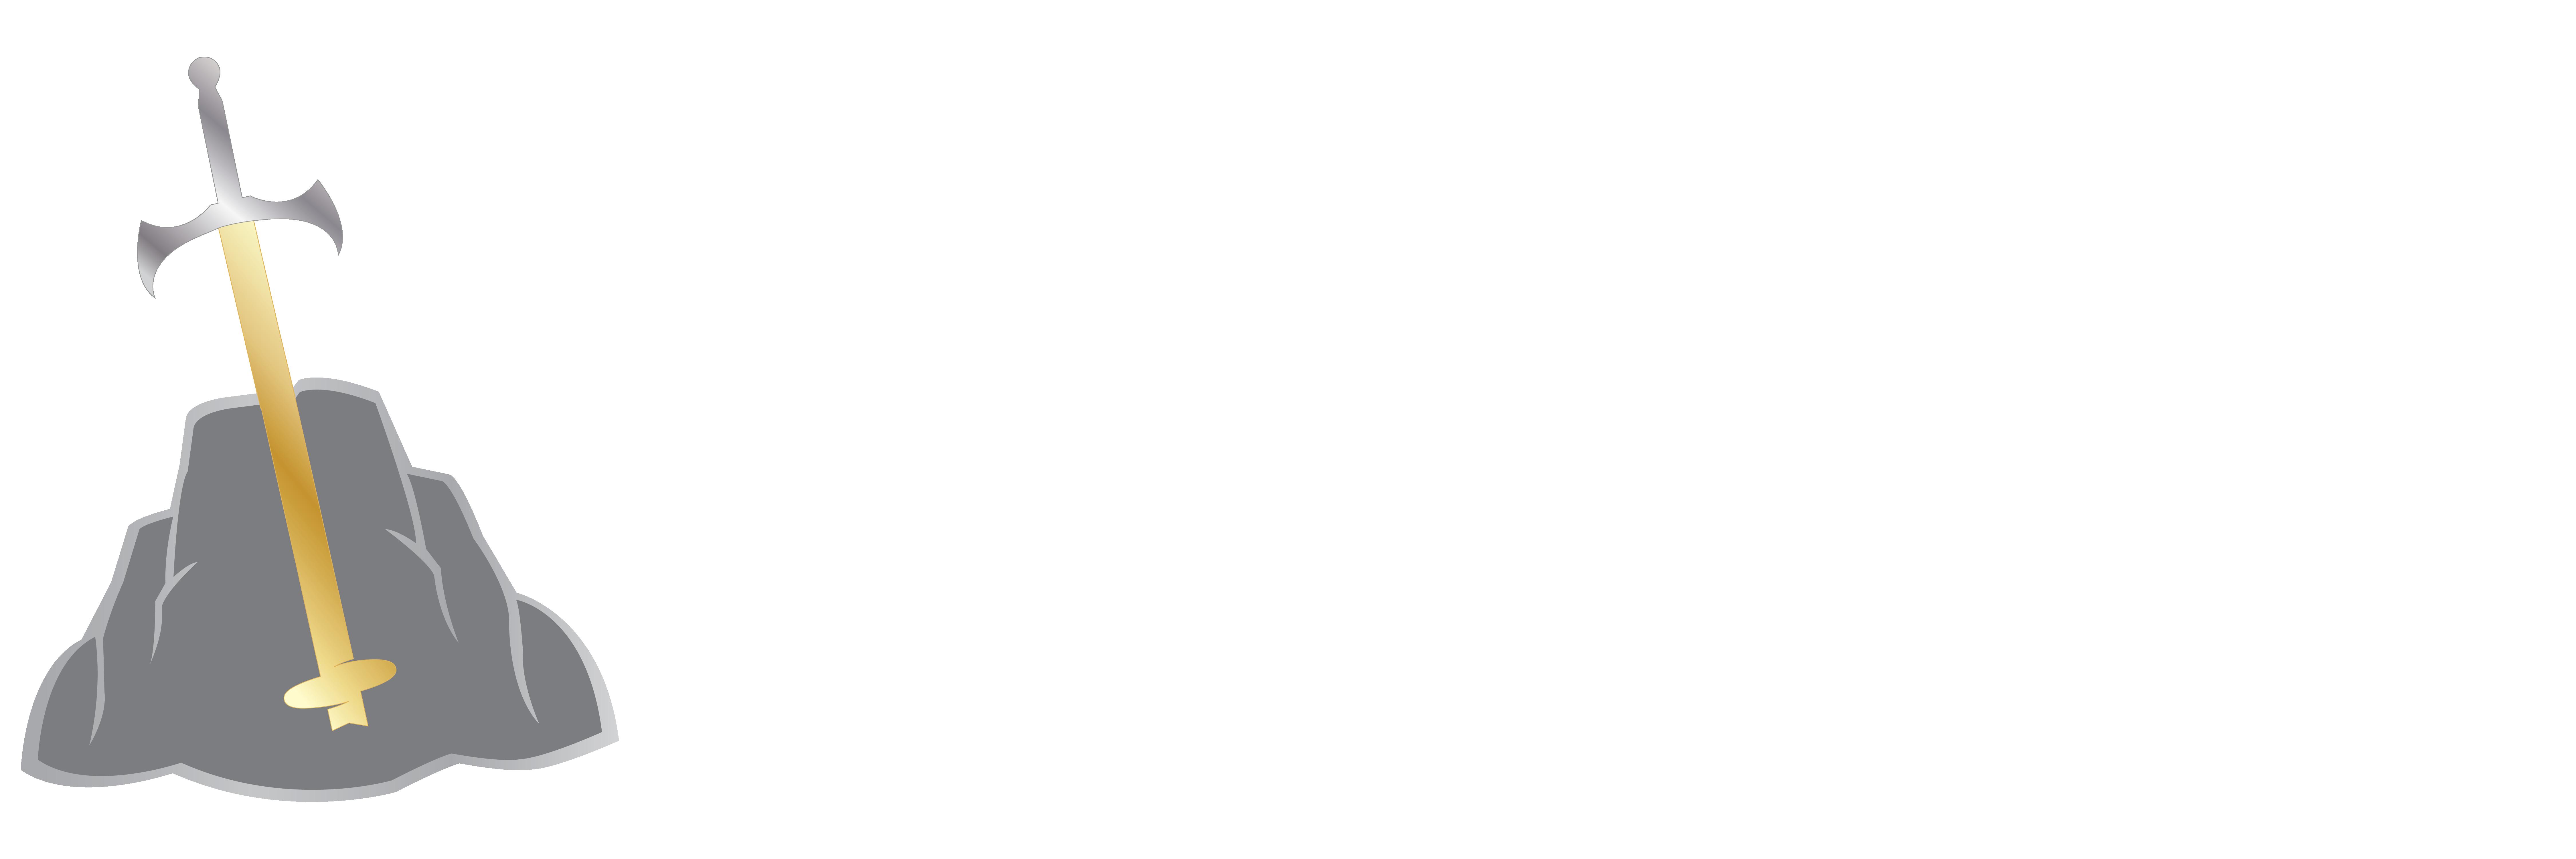 Excalibur-Digital-White-02